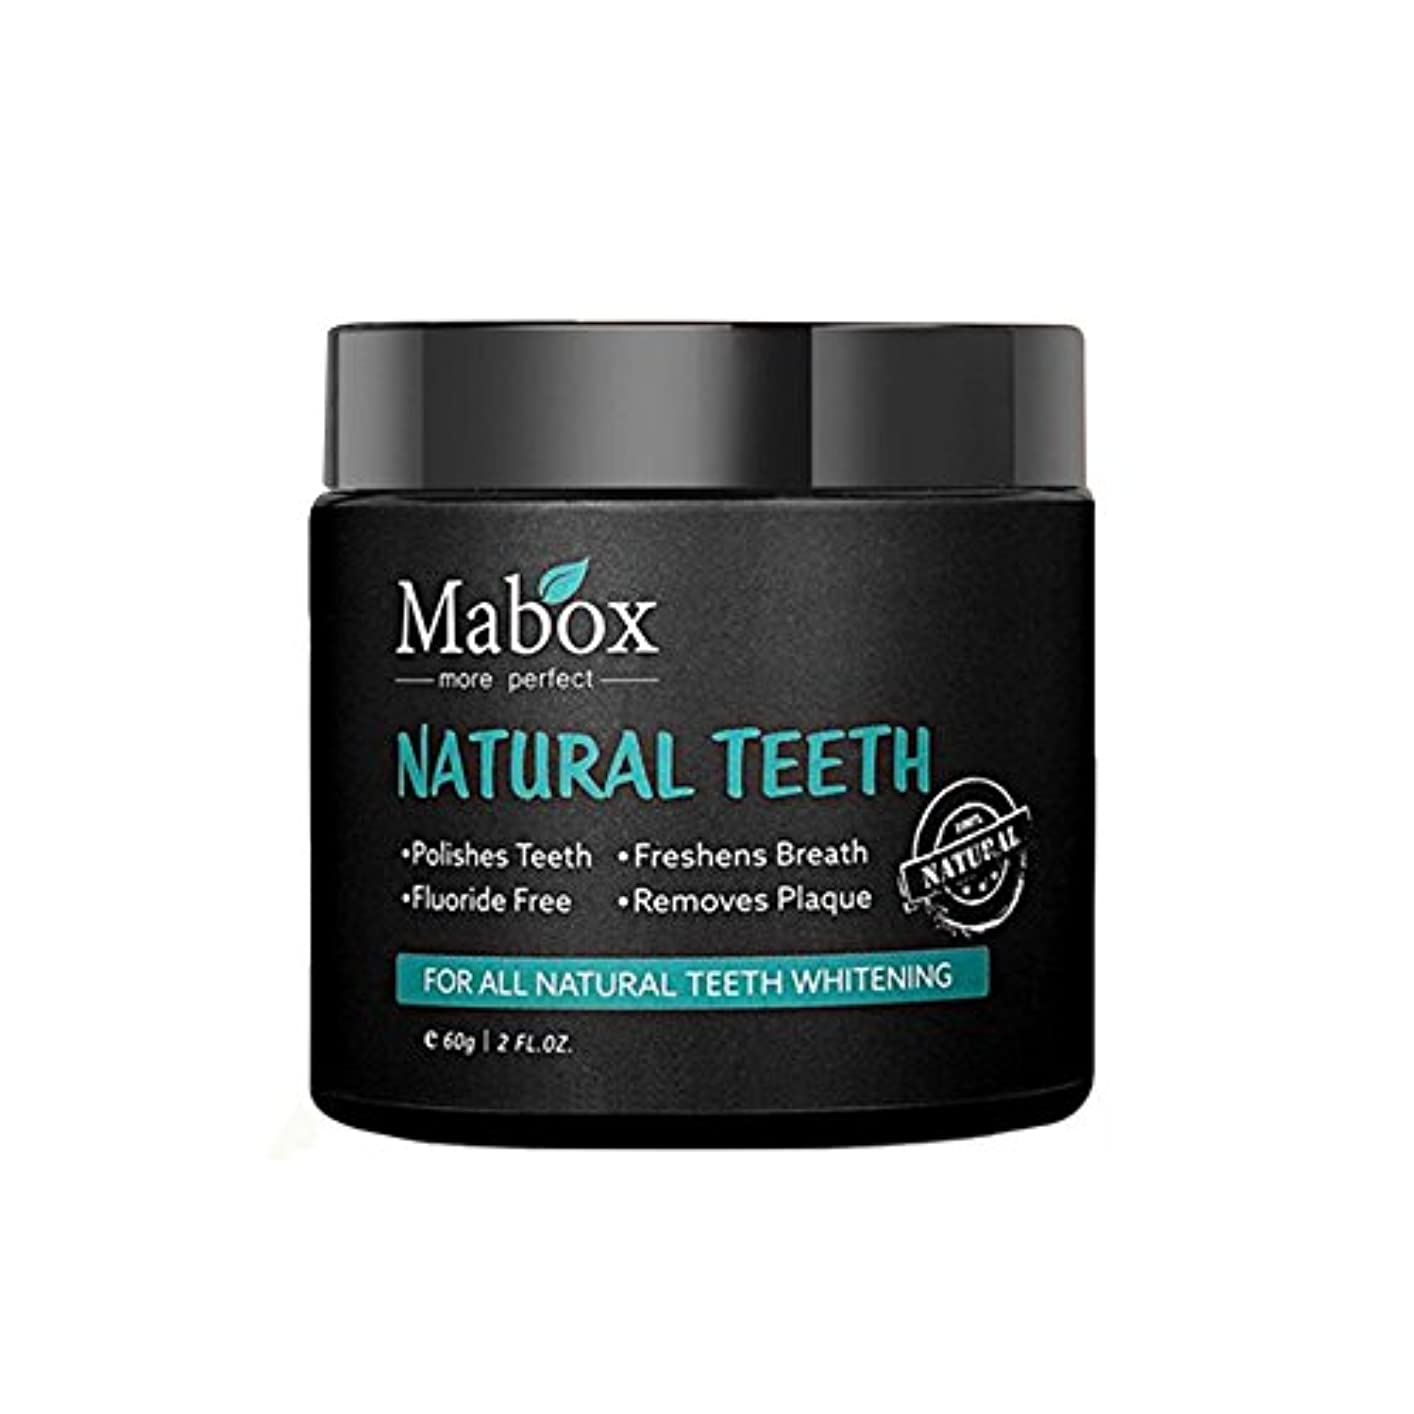 アンテナブルーベルサーマルTerGOOSE 歯磨きパウダー 歯磨き粉 ホワイトニング 歯周病 活性炭 竹炭 美白 黄ばみ 口臭 虫歯予防 歯周病予防